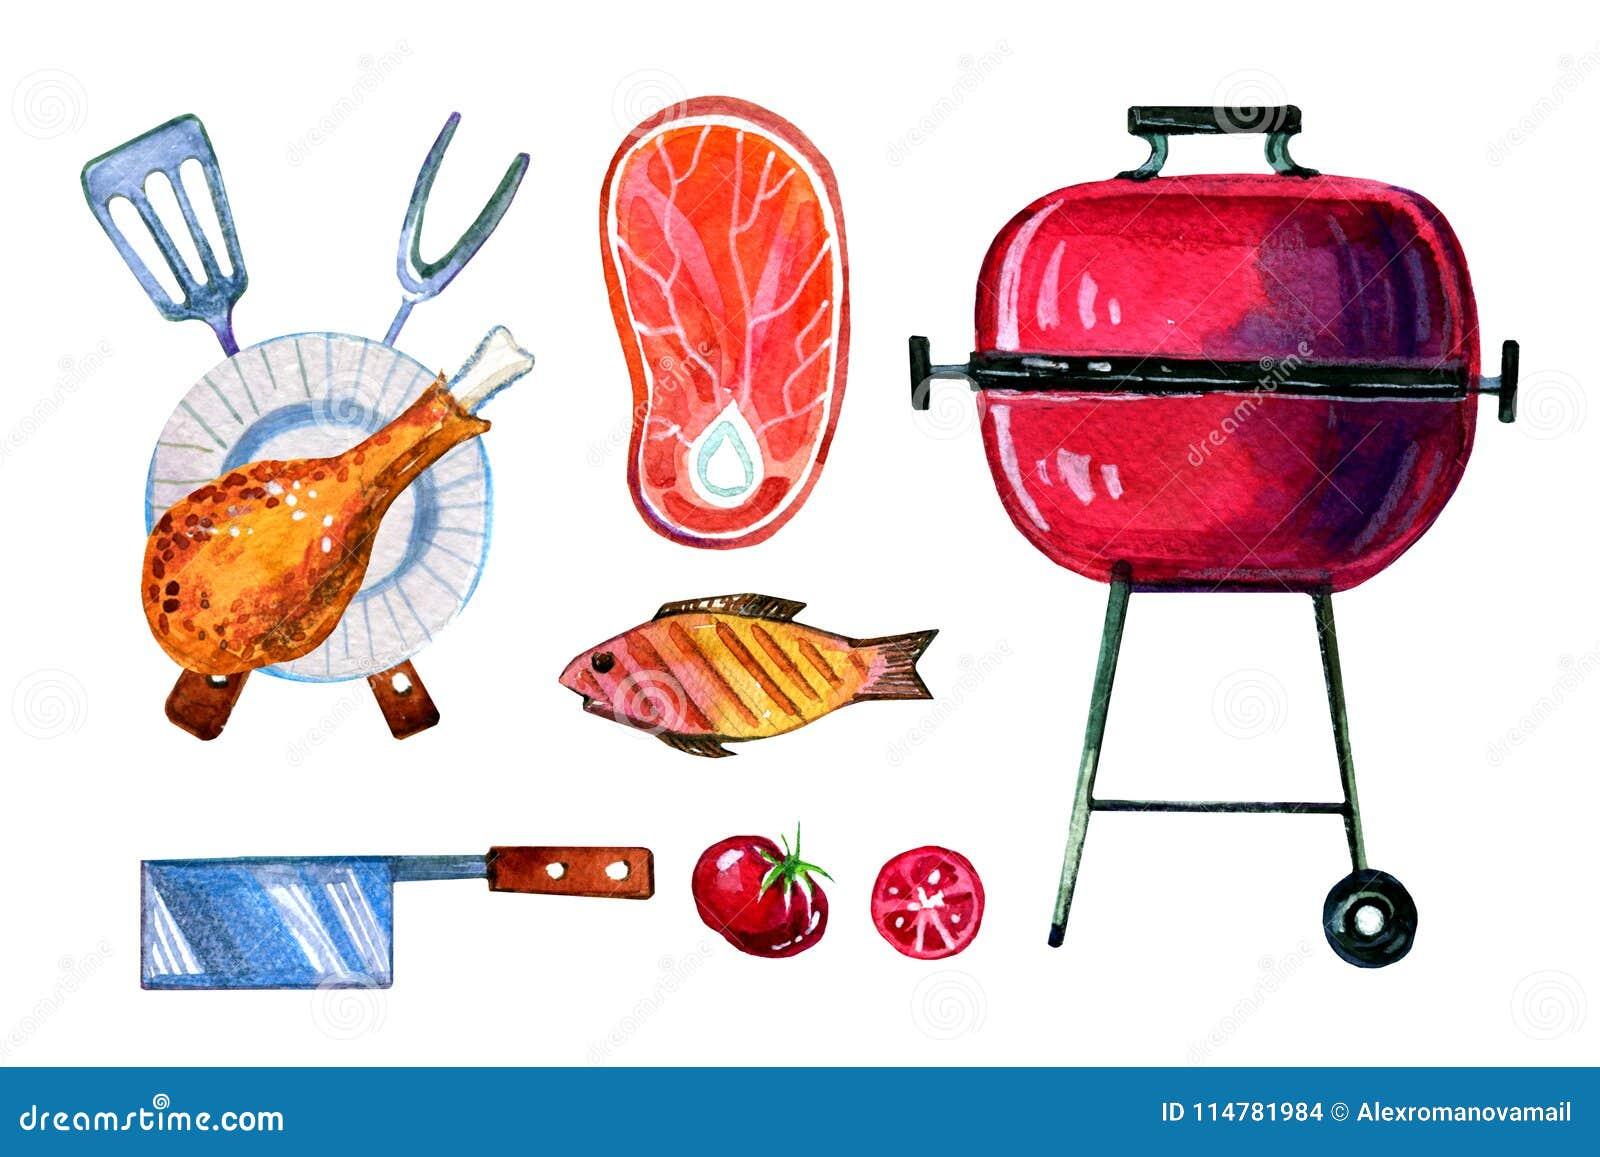 Hand gezeichneter Aquarellsatz verschiedene Gegenstände für Picknick, den Sommer heraus essend, Grill und Grill